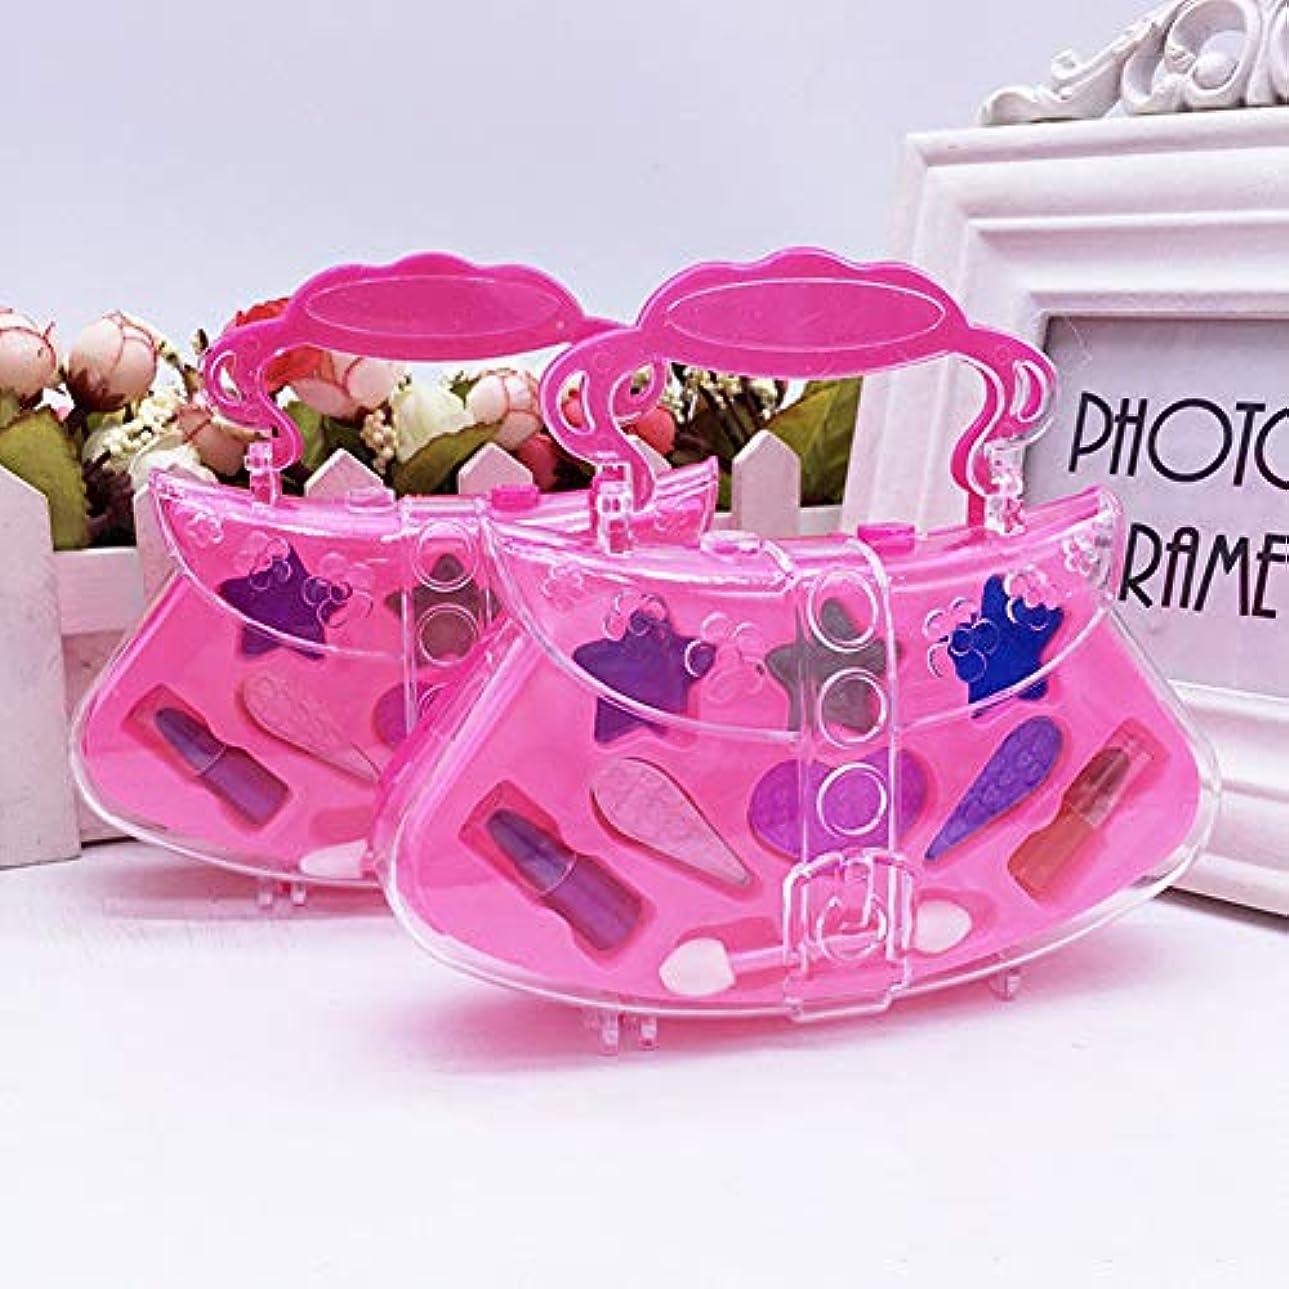 ベンチャー軍艦ミュートポータブルプリンセスふりプレイ化粧おもちゃセットキッズ子供シミュレーション化粧品 - ピンク